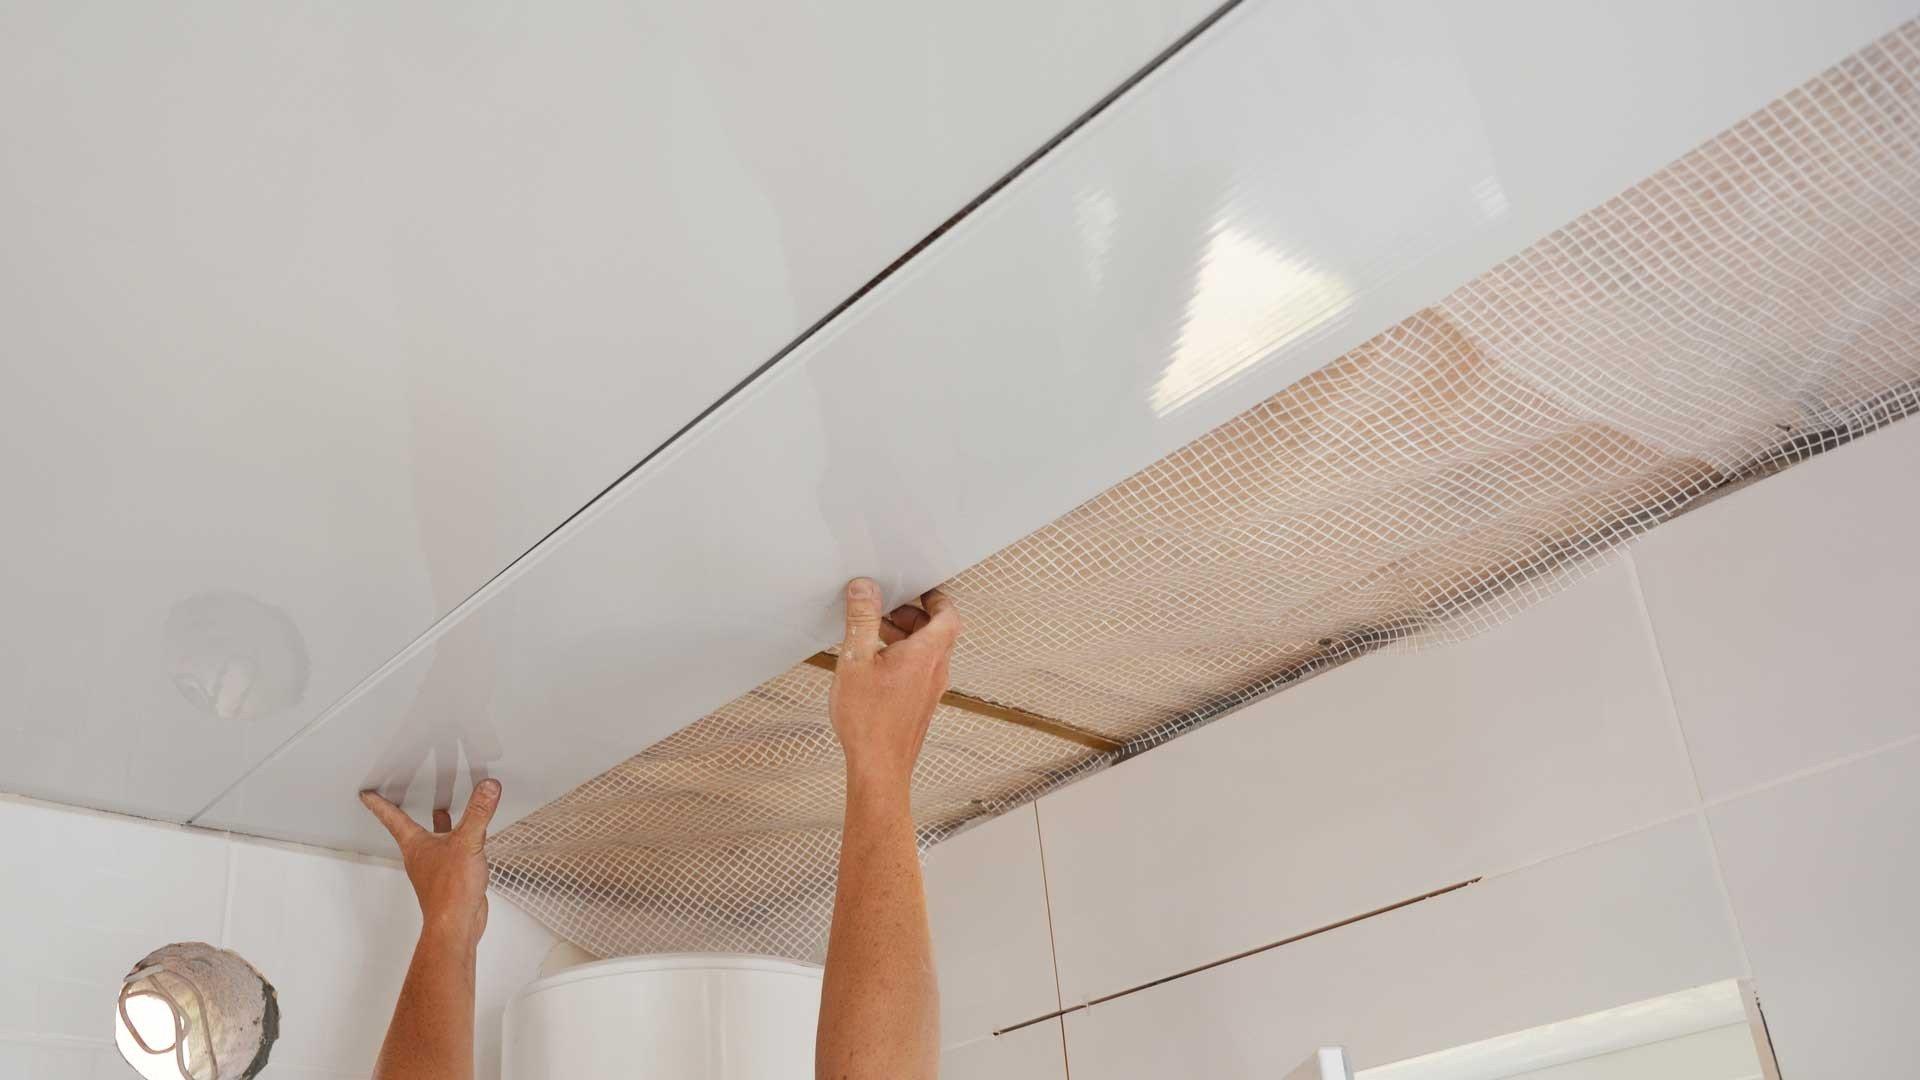 Les différentes raisons de poser un faux plafond